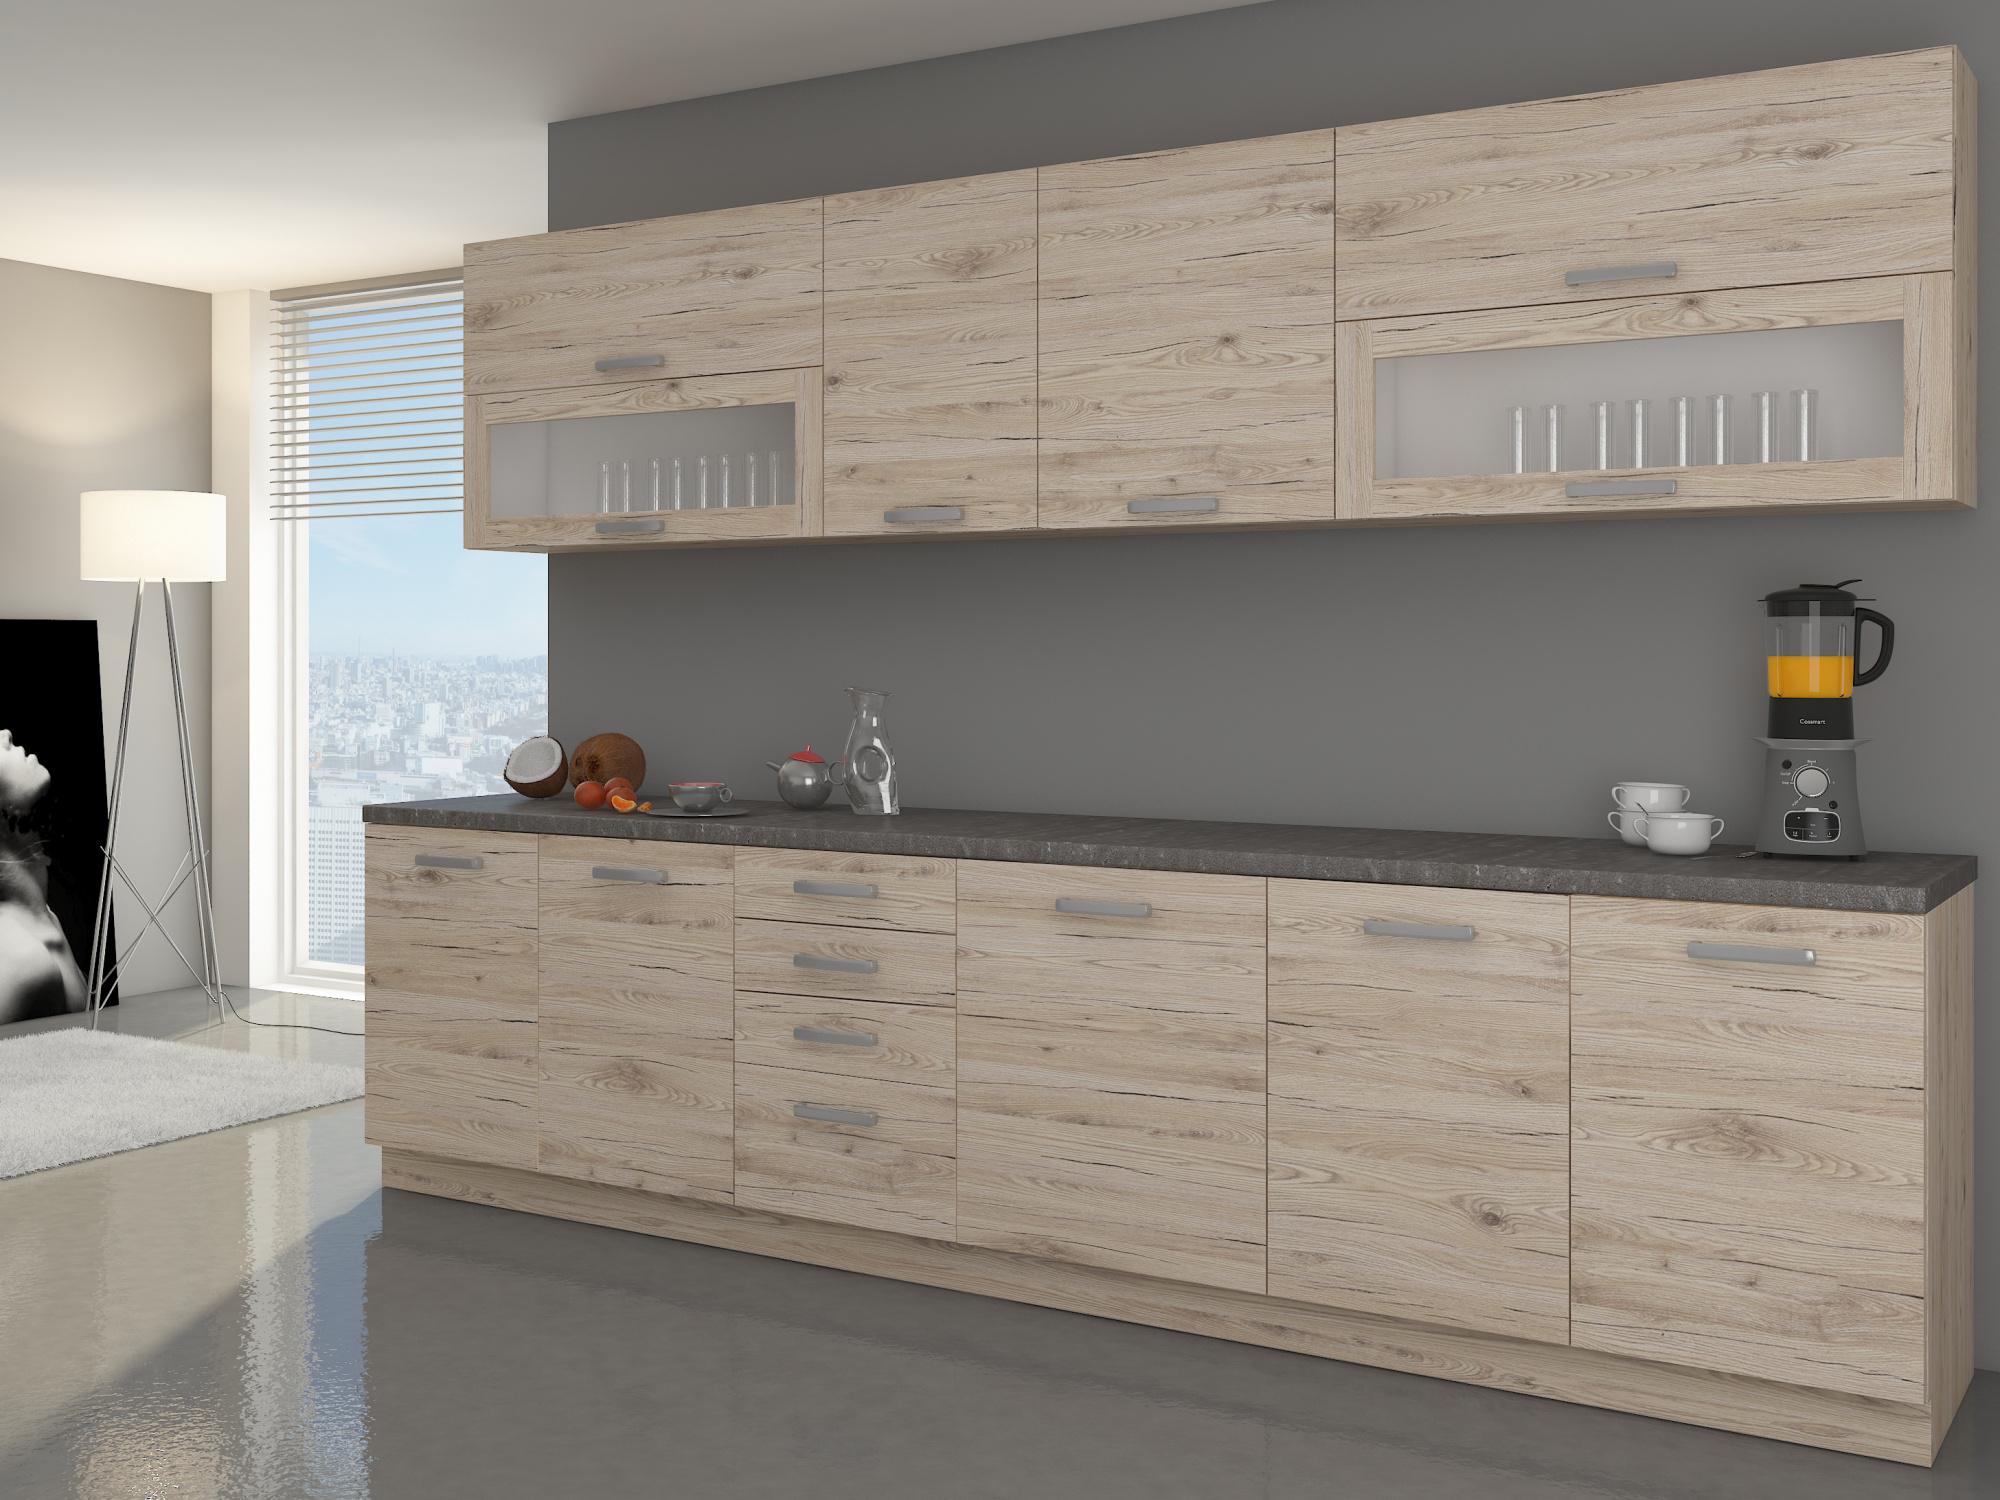 Kuchyně BORDEAUX 260, dub bordeaux